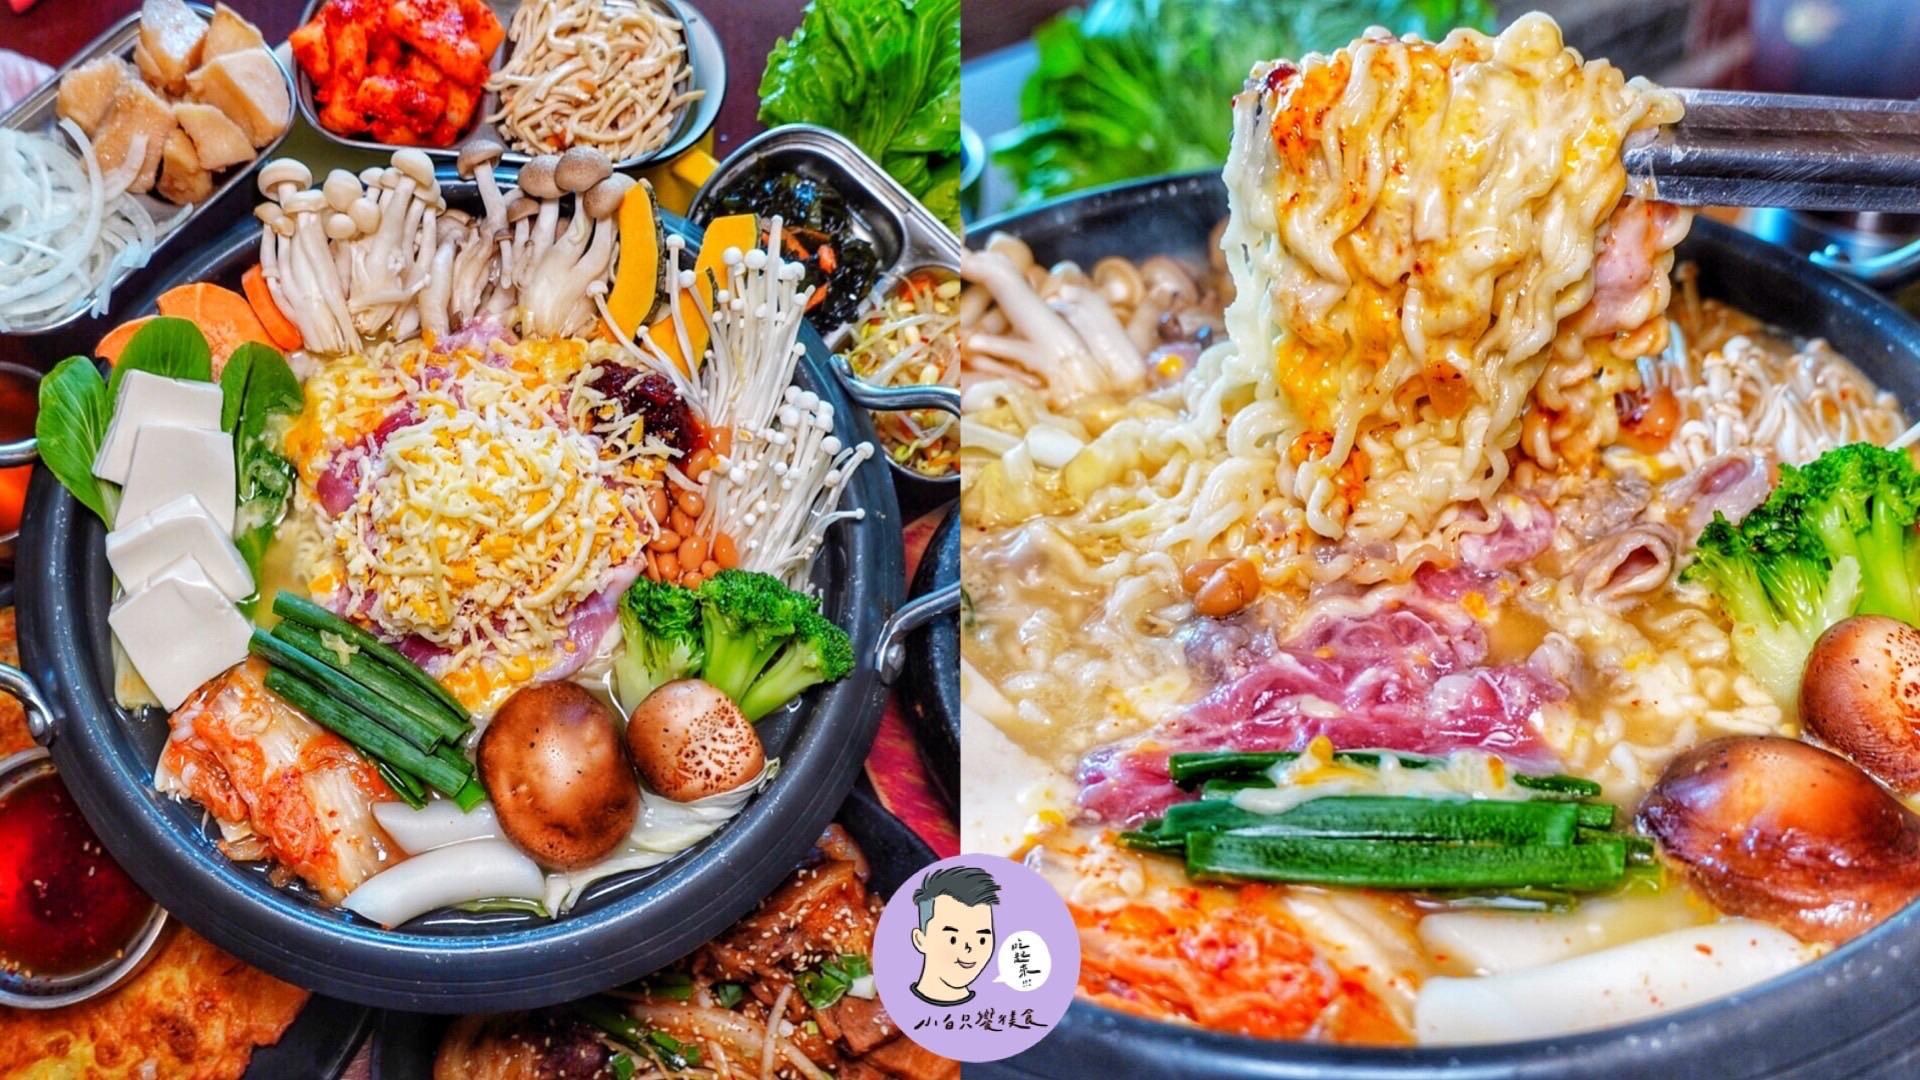 部隊火鍋起司拉麵太誘人!小菜無限量免費供應 安平人氣韓式料理 雙人套餐CP值高 – 瑪西達韓式料理|安平美食